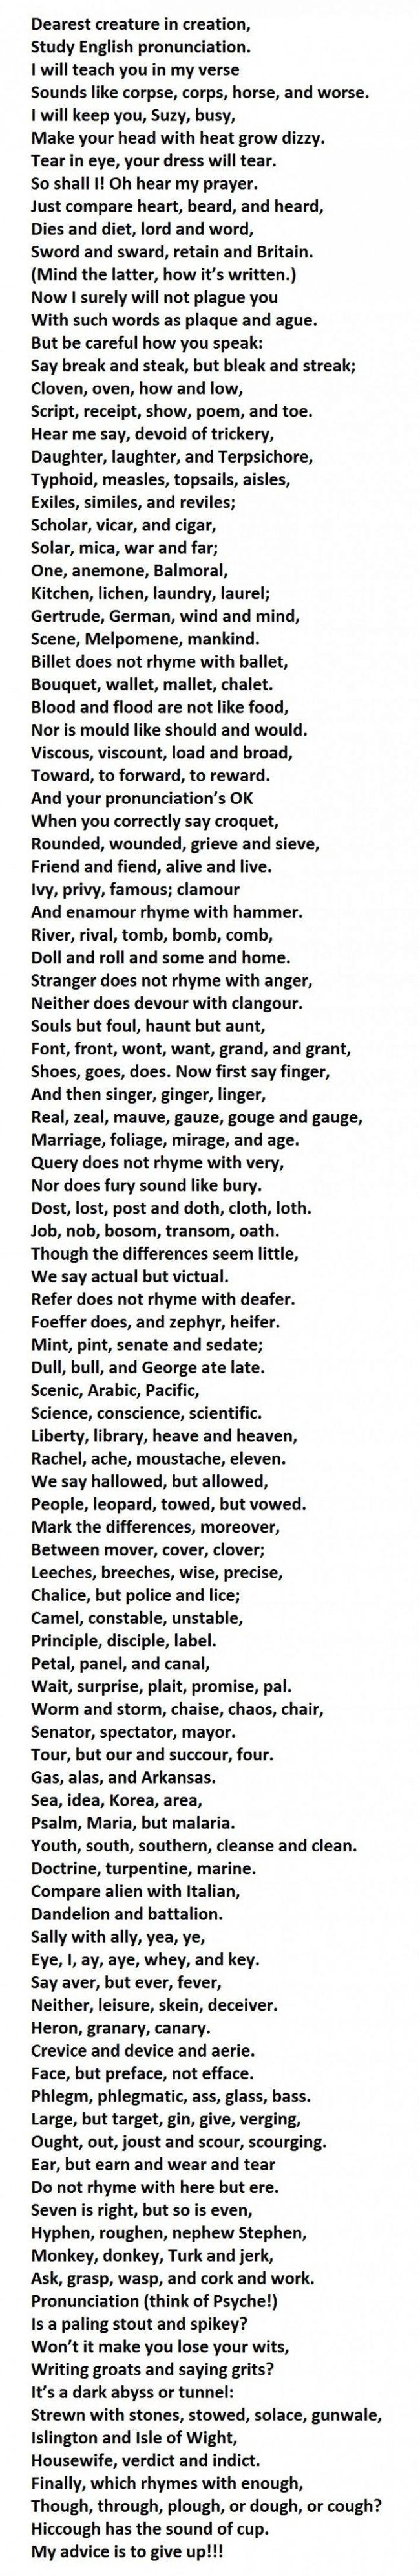 El 90% de los angloparlantes no pueden leer este poema